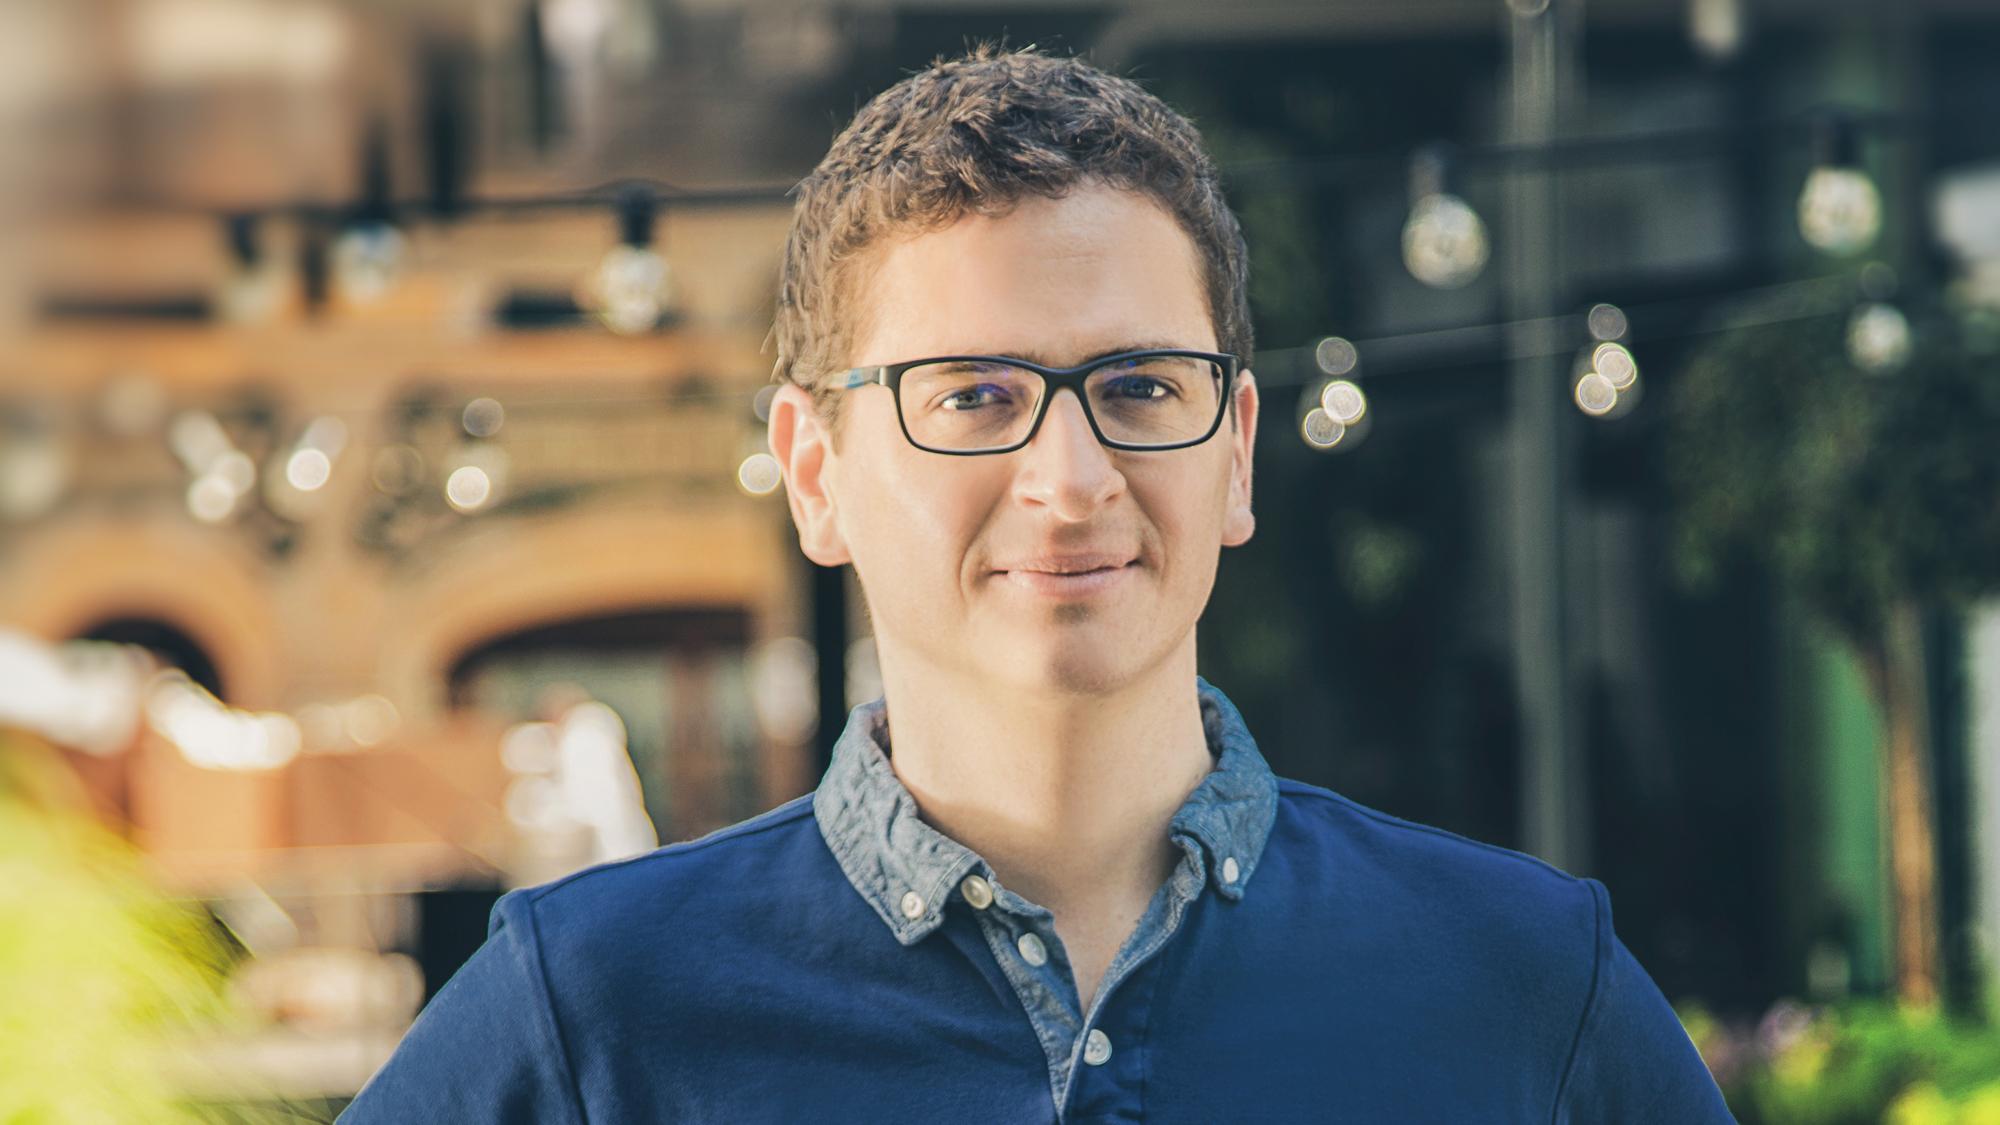 Markus Linder ist Co-Founder von Smartassistant, das heute Zoovu heißt © Linder